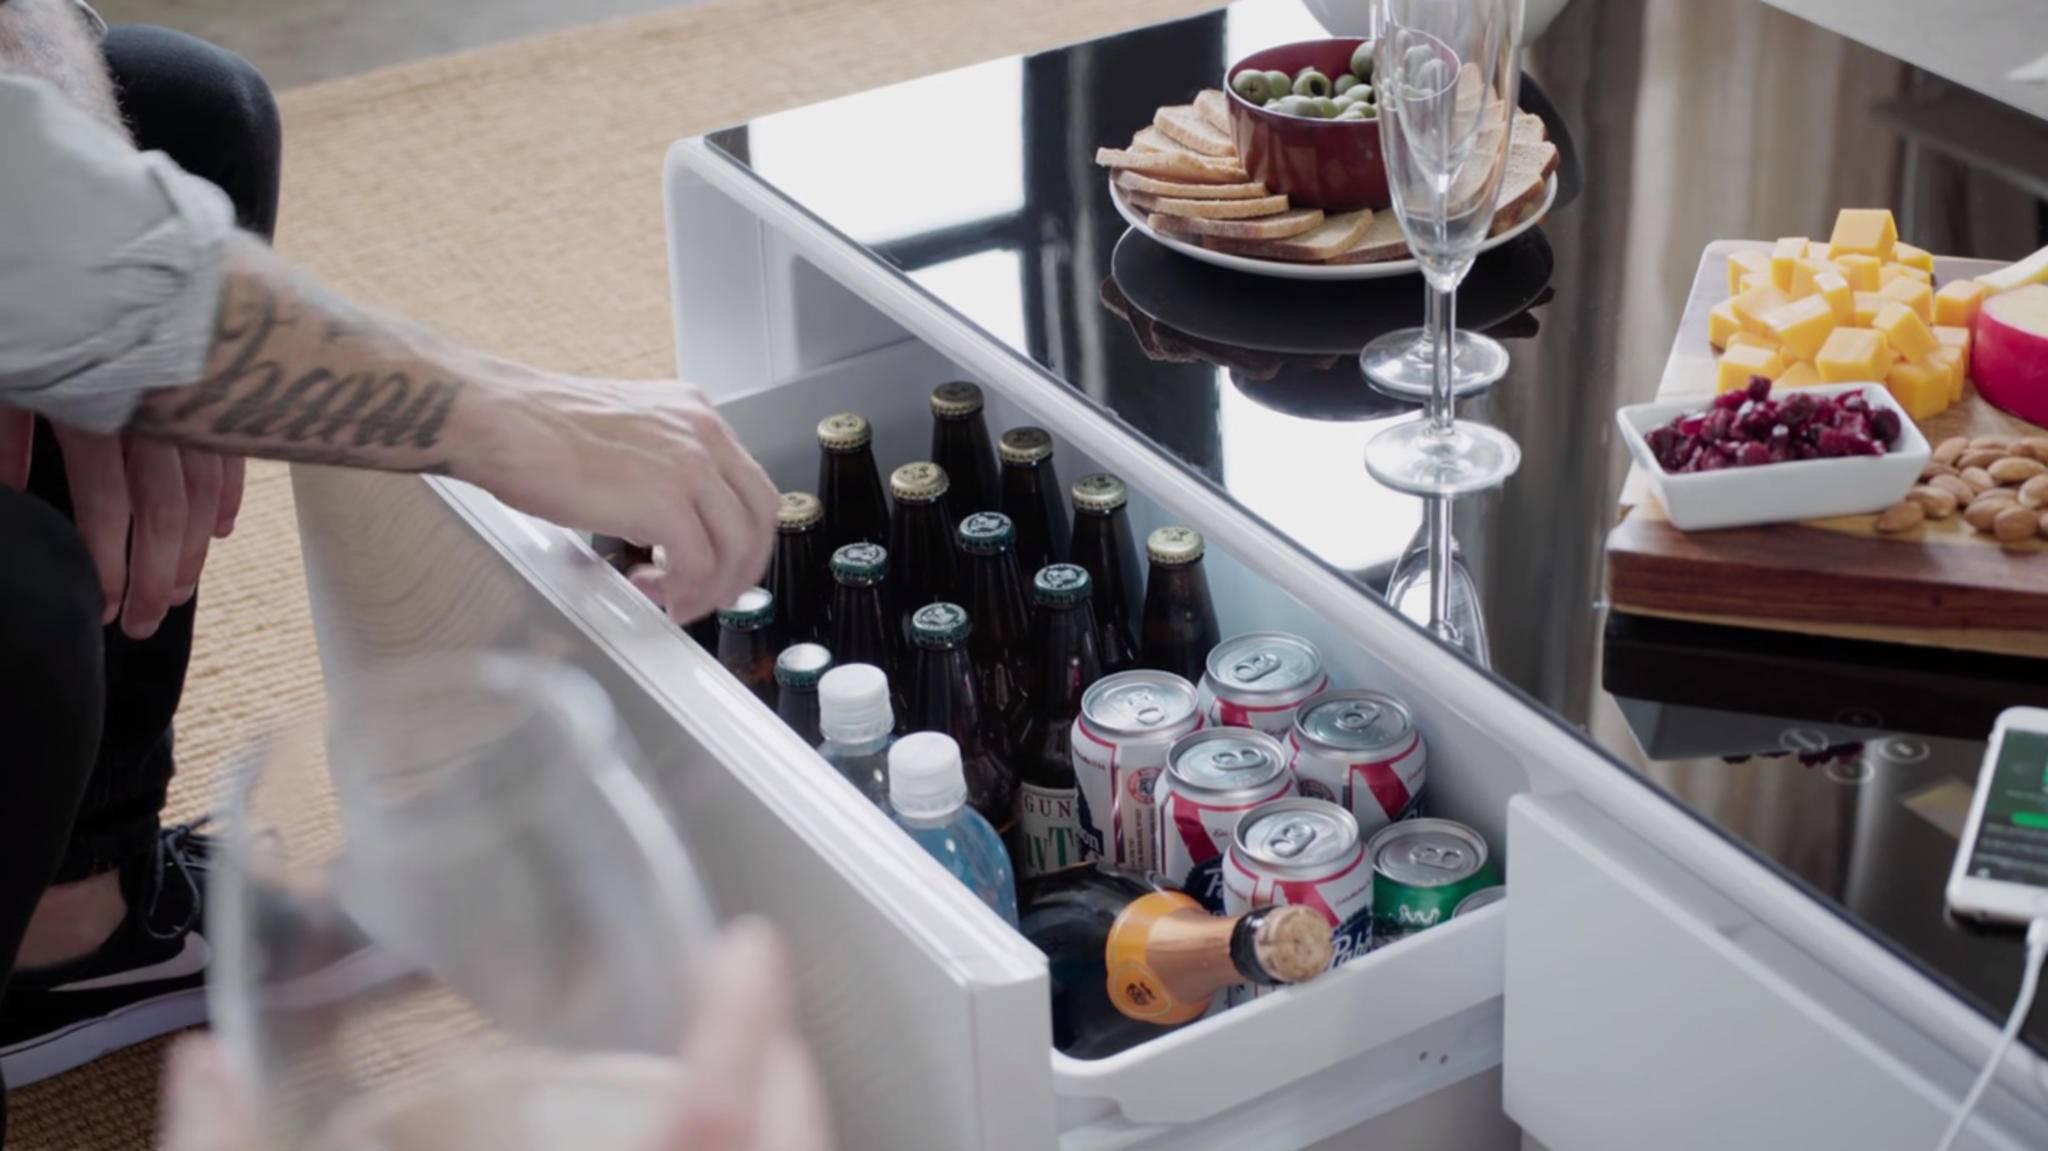 Das Smartphone aufladen und dabei ein kühles Getränk genießen? Mit dem Sobro-Couchtisch musst Du dafür nicht mal aufstehen.